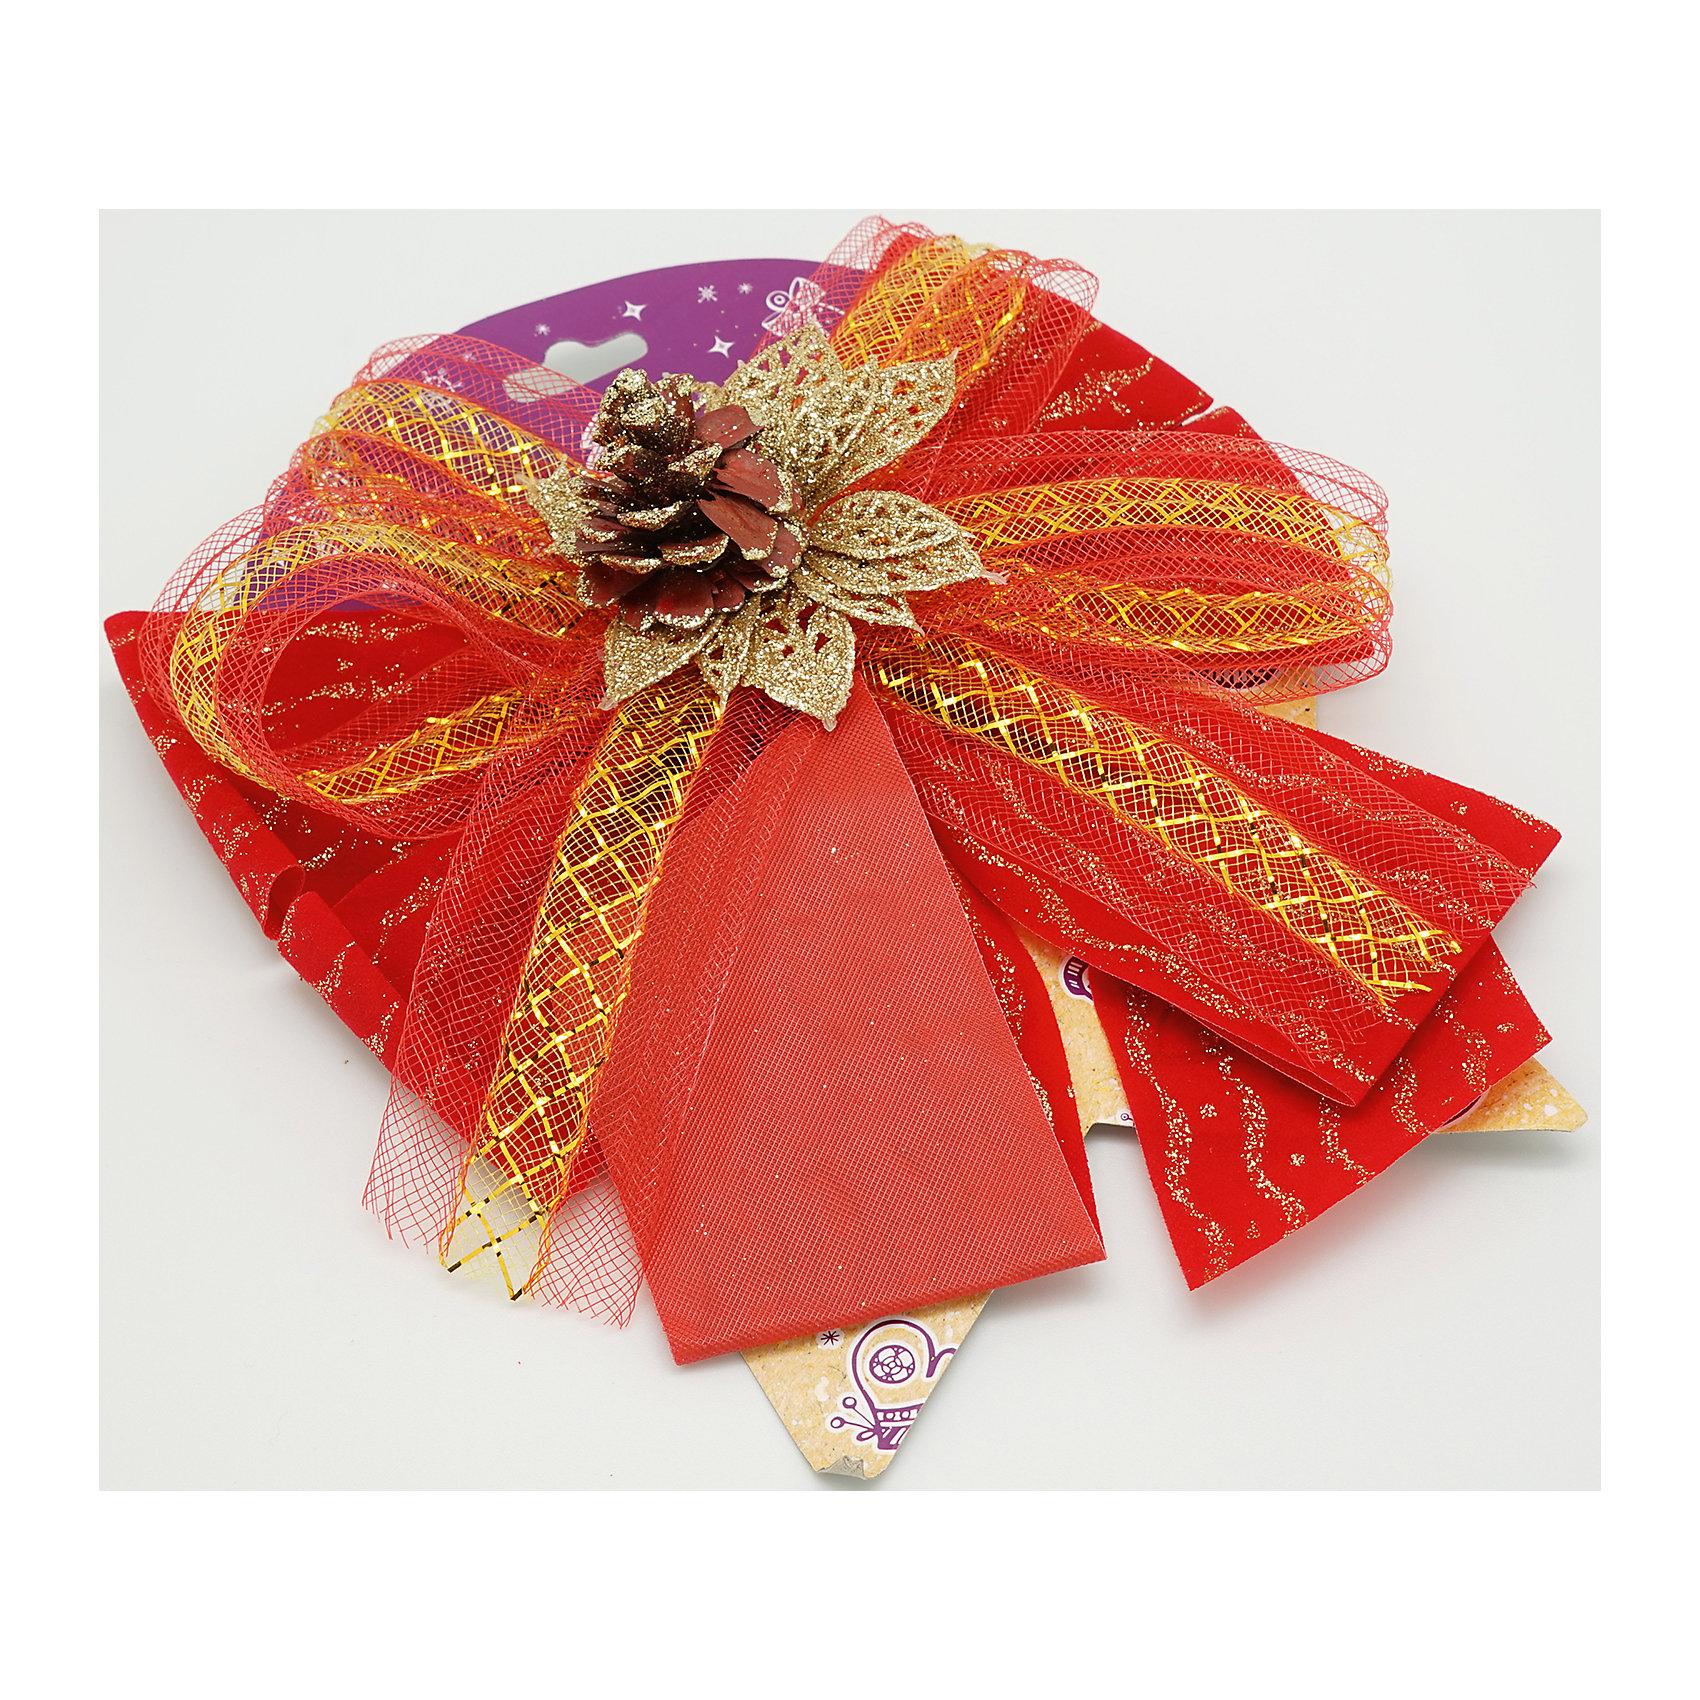 Красный бант с украшениемВсё для праздника<br>Характеристики товара:<br><br>• цвет: красный<br>• декорирован тесьмой<br>• размер упаковки: 27х17х1 см<br>• комплектация: 1 шт<br>• материал: нейлон<br>• фактура: ткань<br>• для украшения интерьера или подарков<br>• страна производства: Китай<br><br>Бант - это универсальное украшение, он добавит торжественности и духа праздника прическе, интерьеру, подарочной упаковке, ёлке! Это украшение будет отлично смотреться в окружении любой цветовой гаммы, оно качественно выполнено и нарядно смотрится. С помощью такого банта можно оригинально украсить квартиру к празднику и декорировать пакет или коробку с подарком.<br>Такие небольшие детали и создают праздник! От них во многом зависит хорошее новогоднее настроение. Изделие производится из качественных сертифицированных материалов, безопасных даже для самых маленьких.<br><br>Бант из ткани красный с украшением (0,27Х0,17Х0,01 м) можно купить в нашем интернет-магазине.<br><br>Ширина мм: 290<br>Глубина мм: 170<br>Высота мм: 10<br>Вес г: 50<br>Возраст от месяцев: 72<br>Возраст до месяцев: 480<br>Пол: Унисекс<br>Возраст: Детский<br>SKU: 5051634